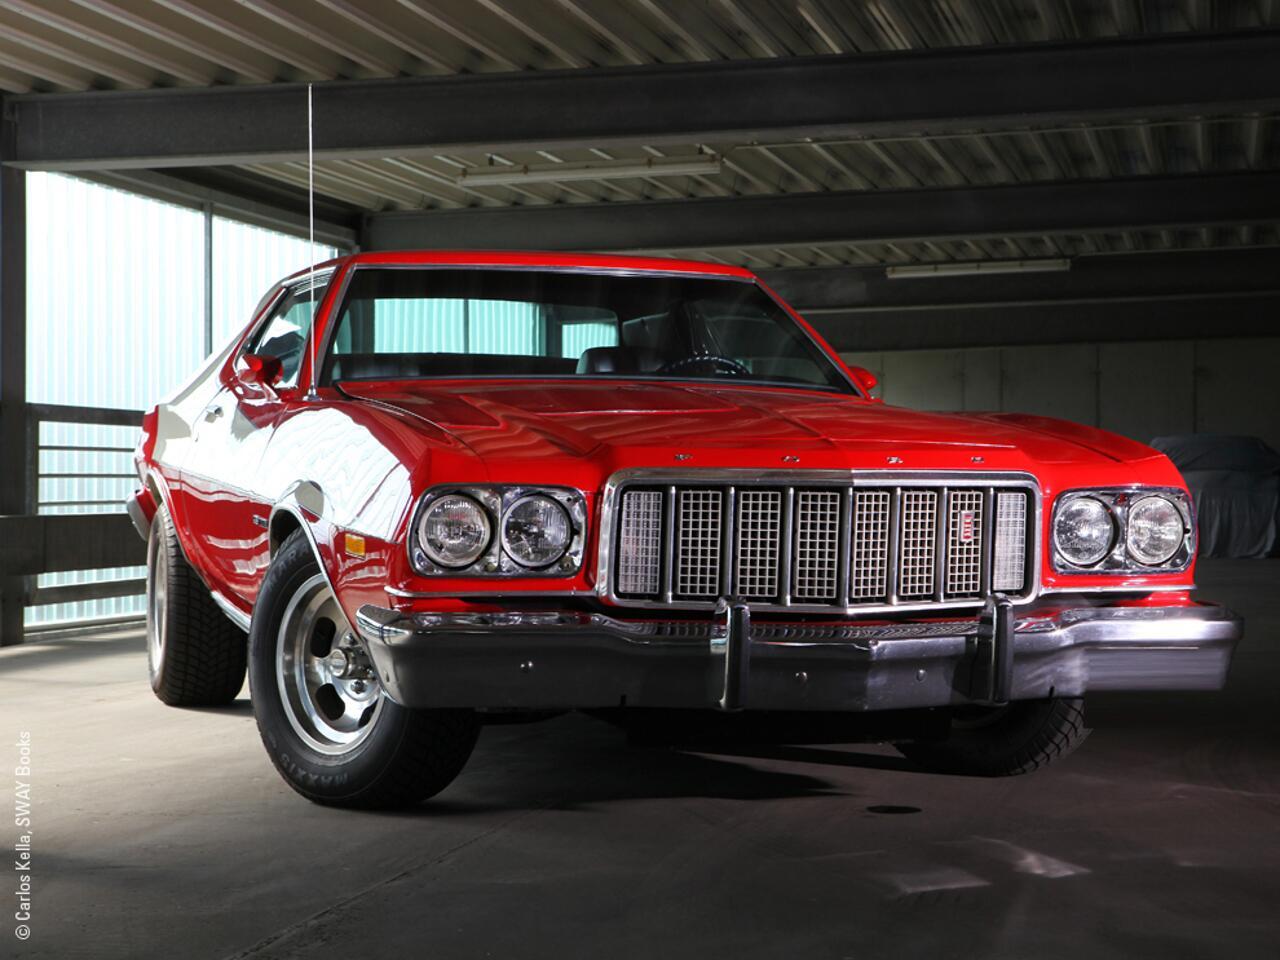 Bild zu Neuer Bildband für US-Car-Fans: Ami-Schlitten, Muscle Cars und Pin-up-Girls